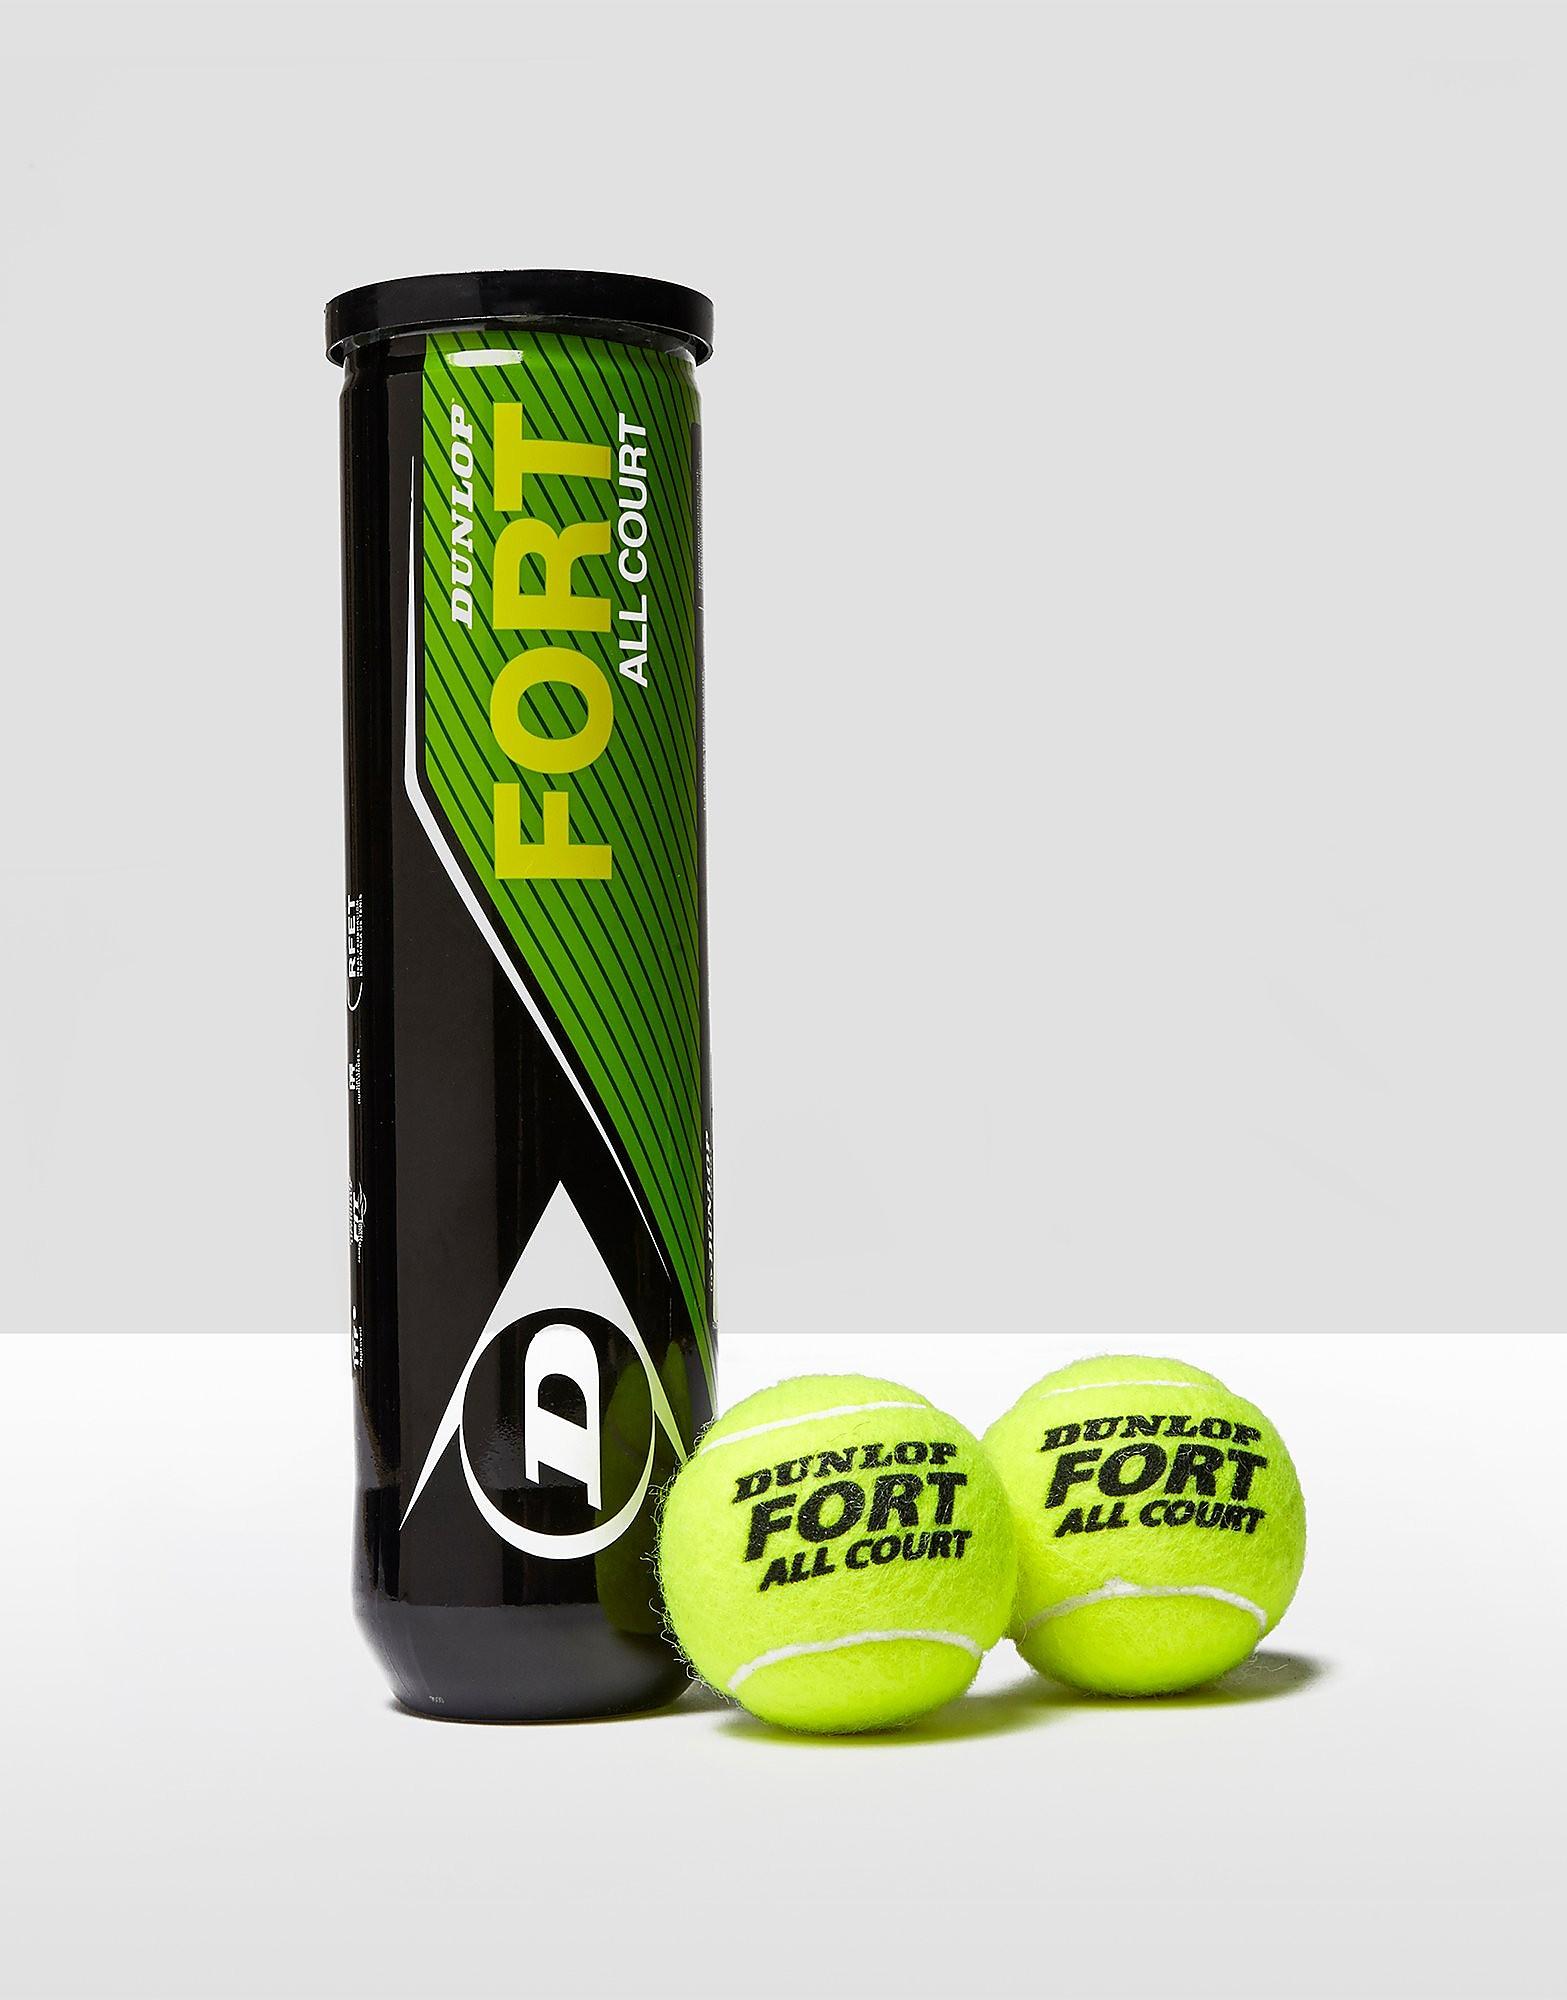 Dunlop Dunlop Fort Tournament Select All Court Tennis Balls – 4 Ball Can